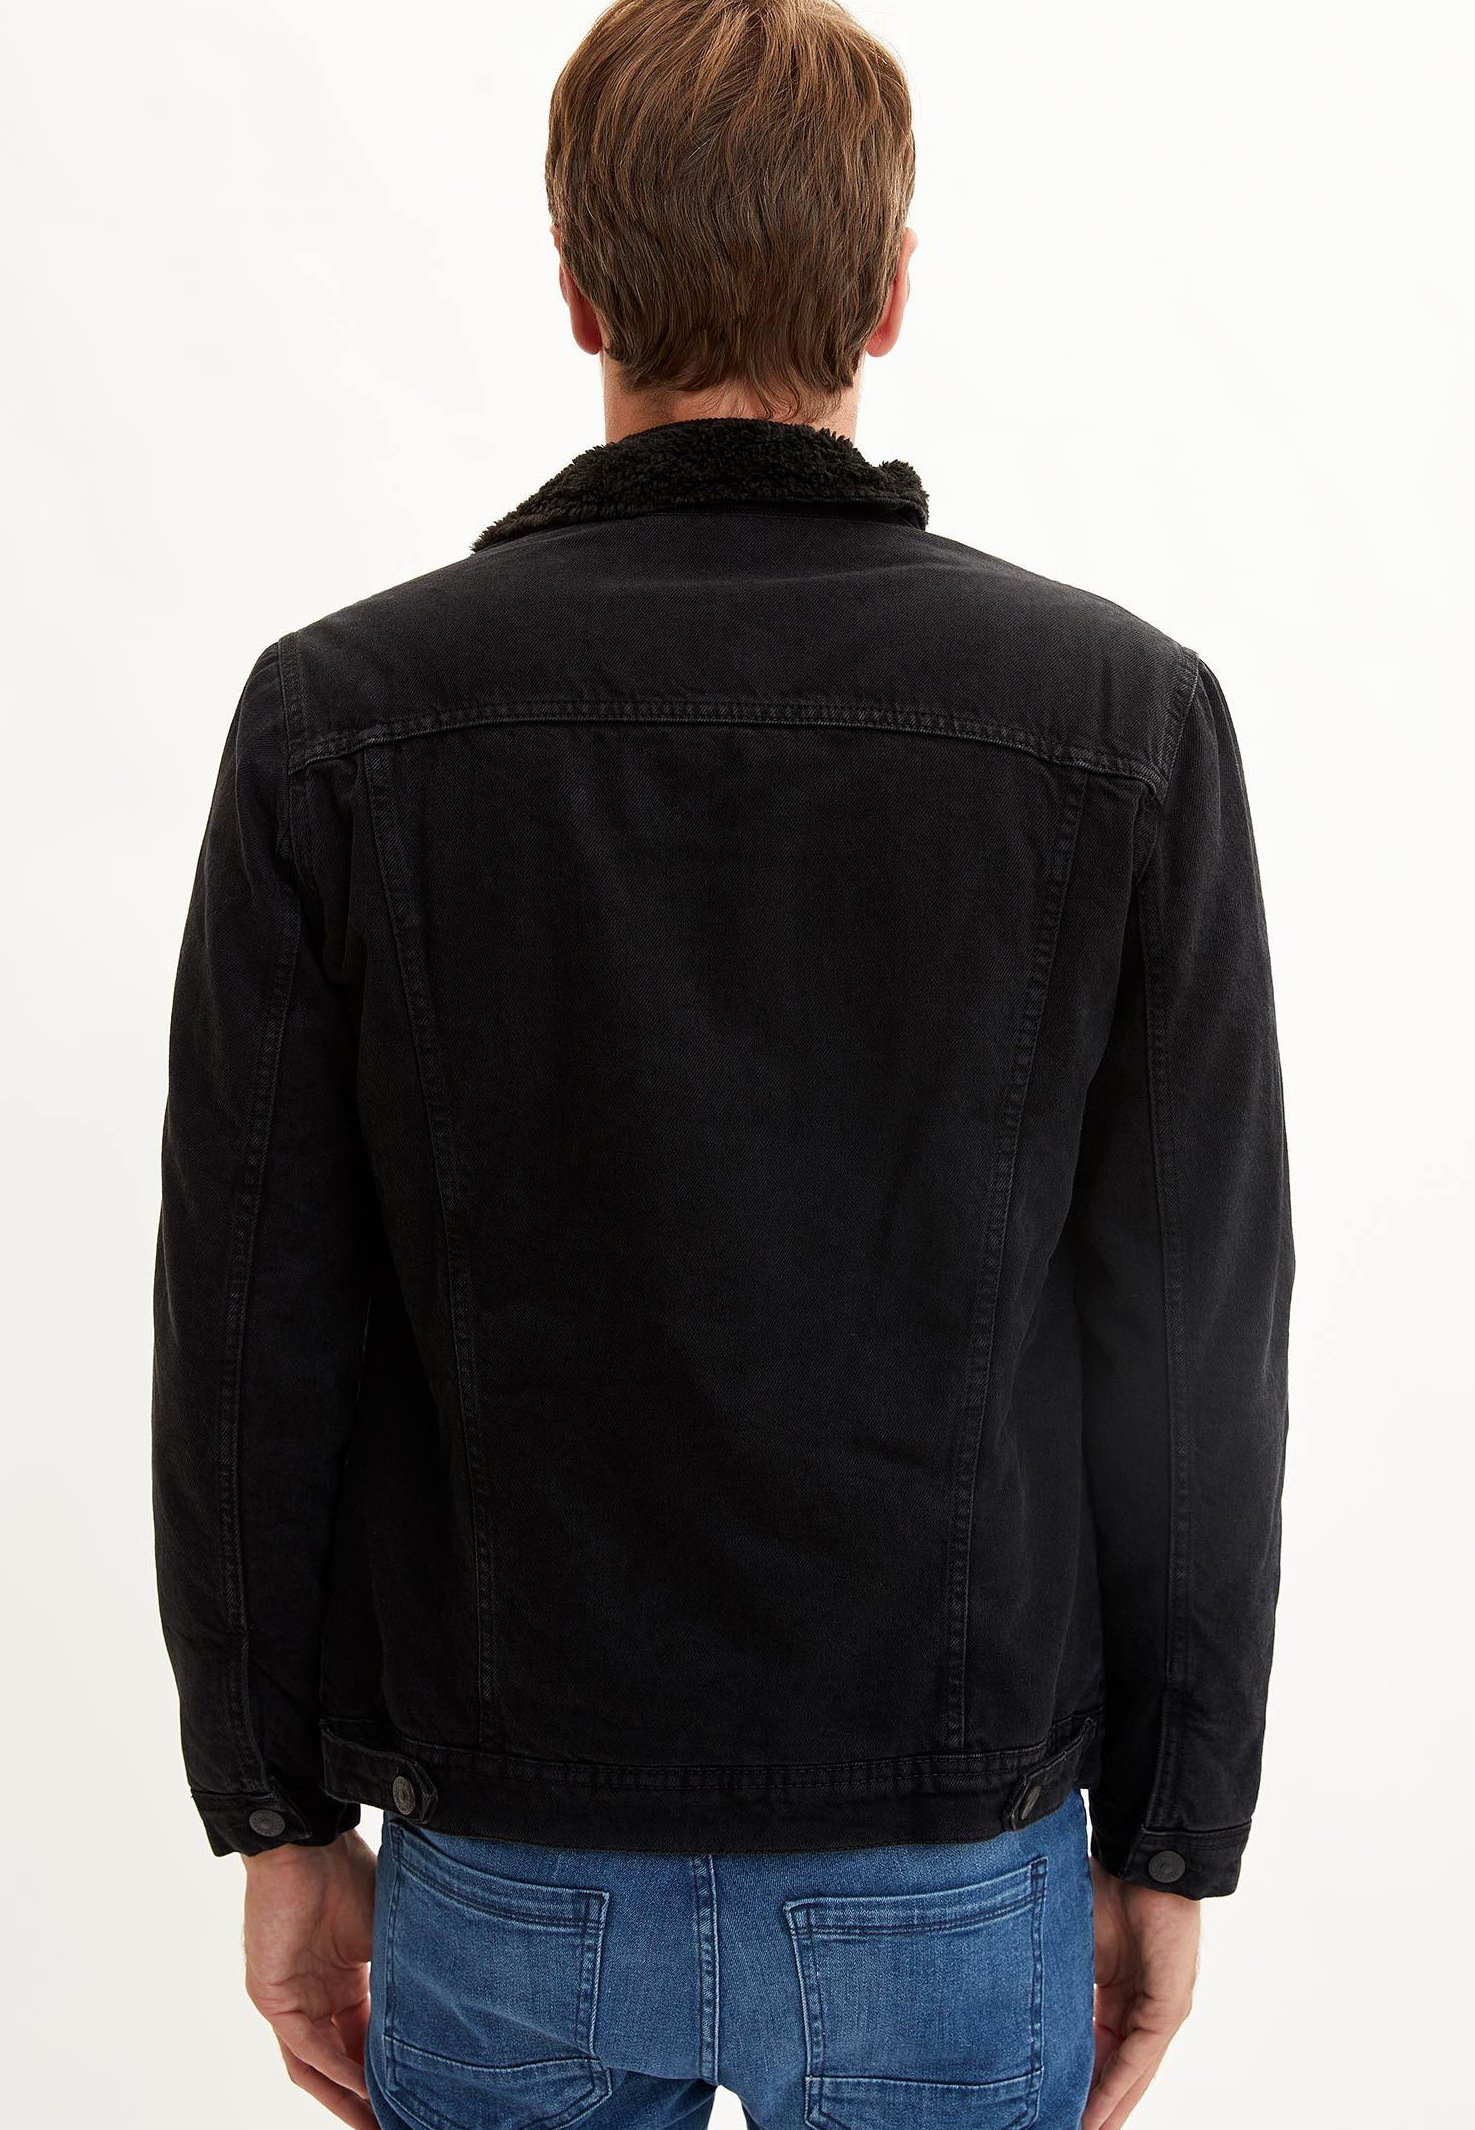 Suositella Miesten vaatteet Sarja dfKJIUp97454sfGHYHD DeFacto Farkkutakki black